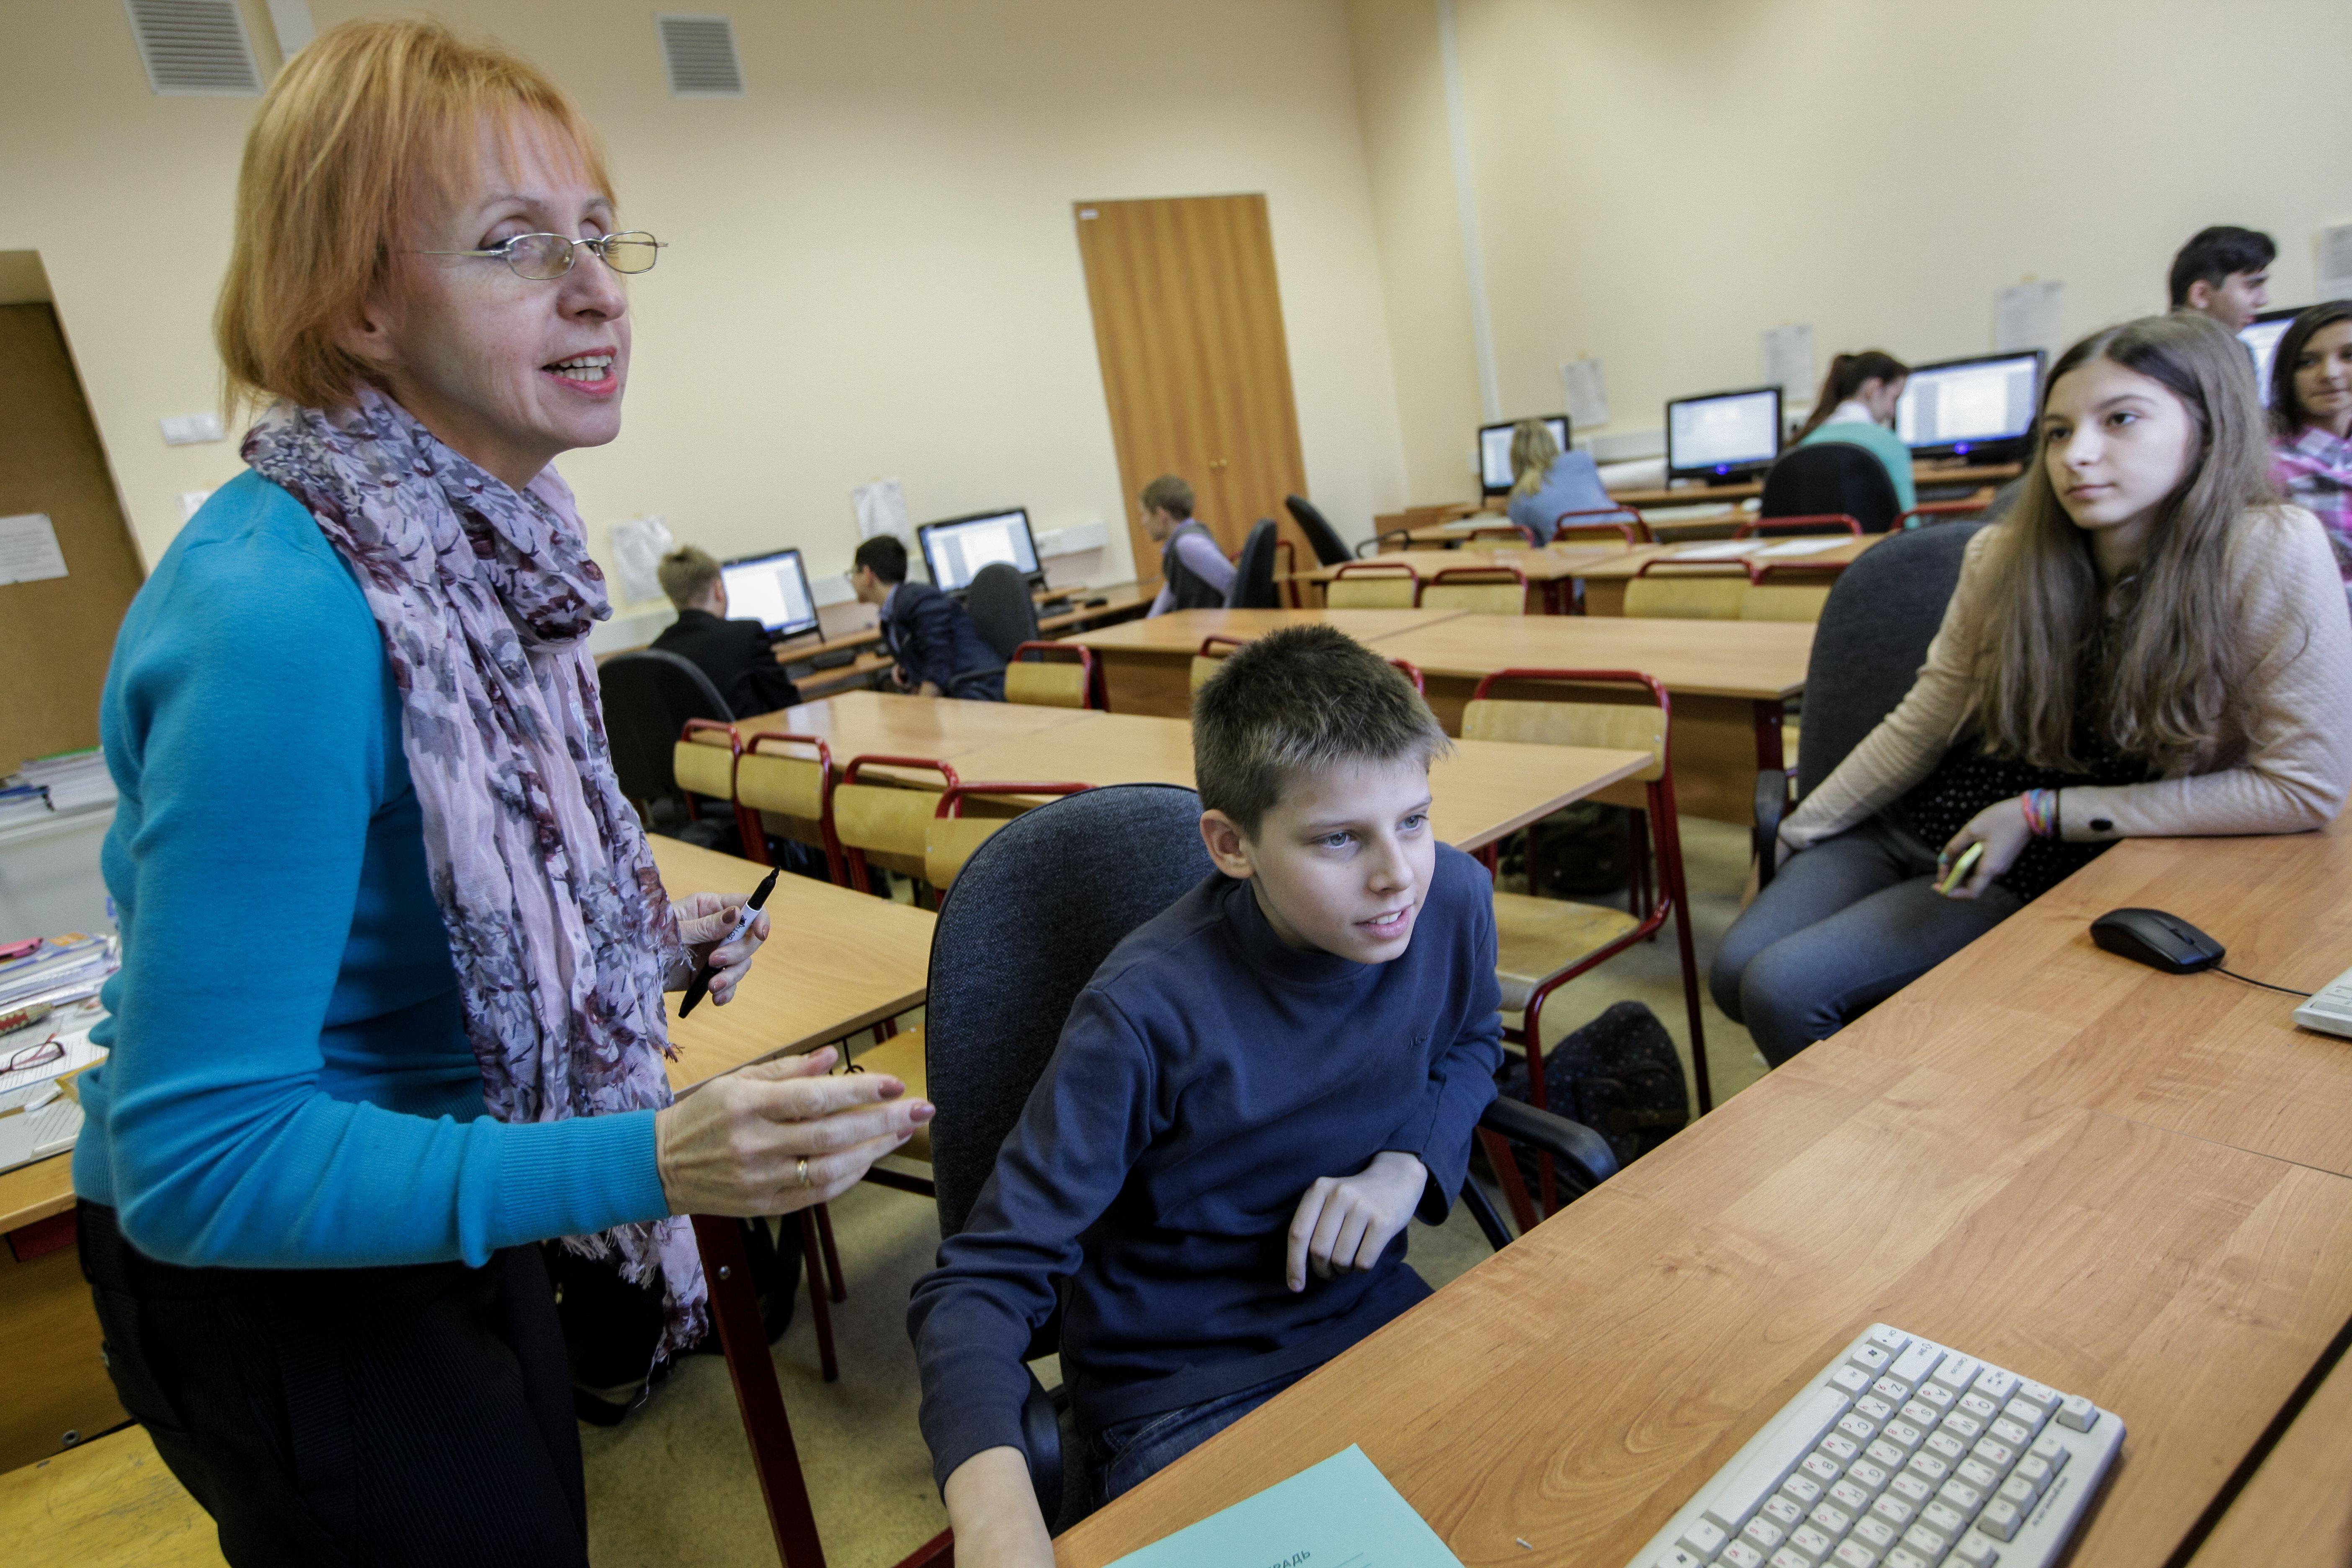 У ребенка в школе должен быть человек, которому он доверится. Фото: Дмитрий Рухлецкий, «Вечерняя Москва»